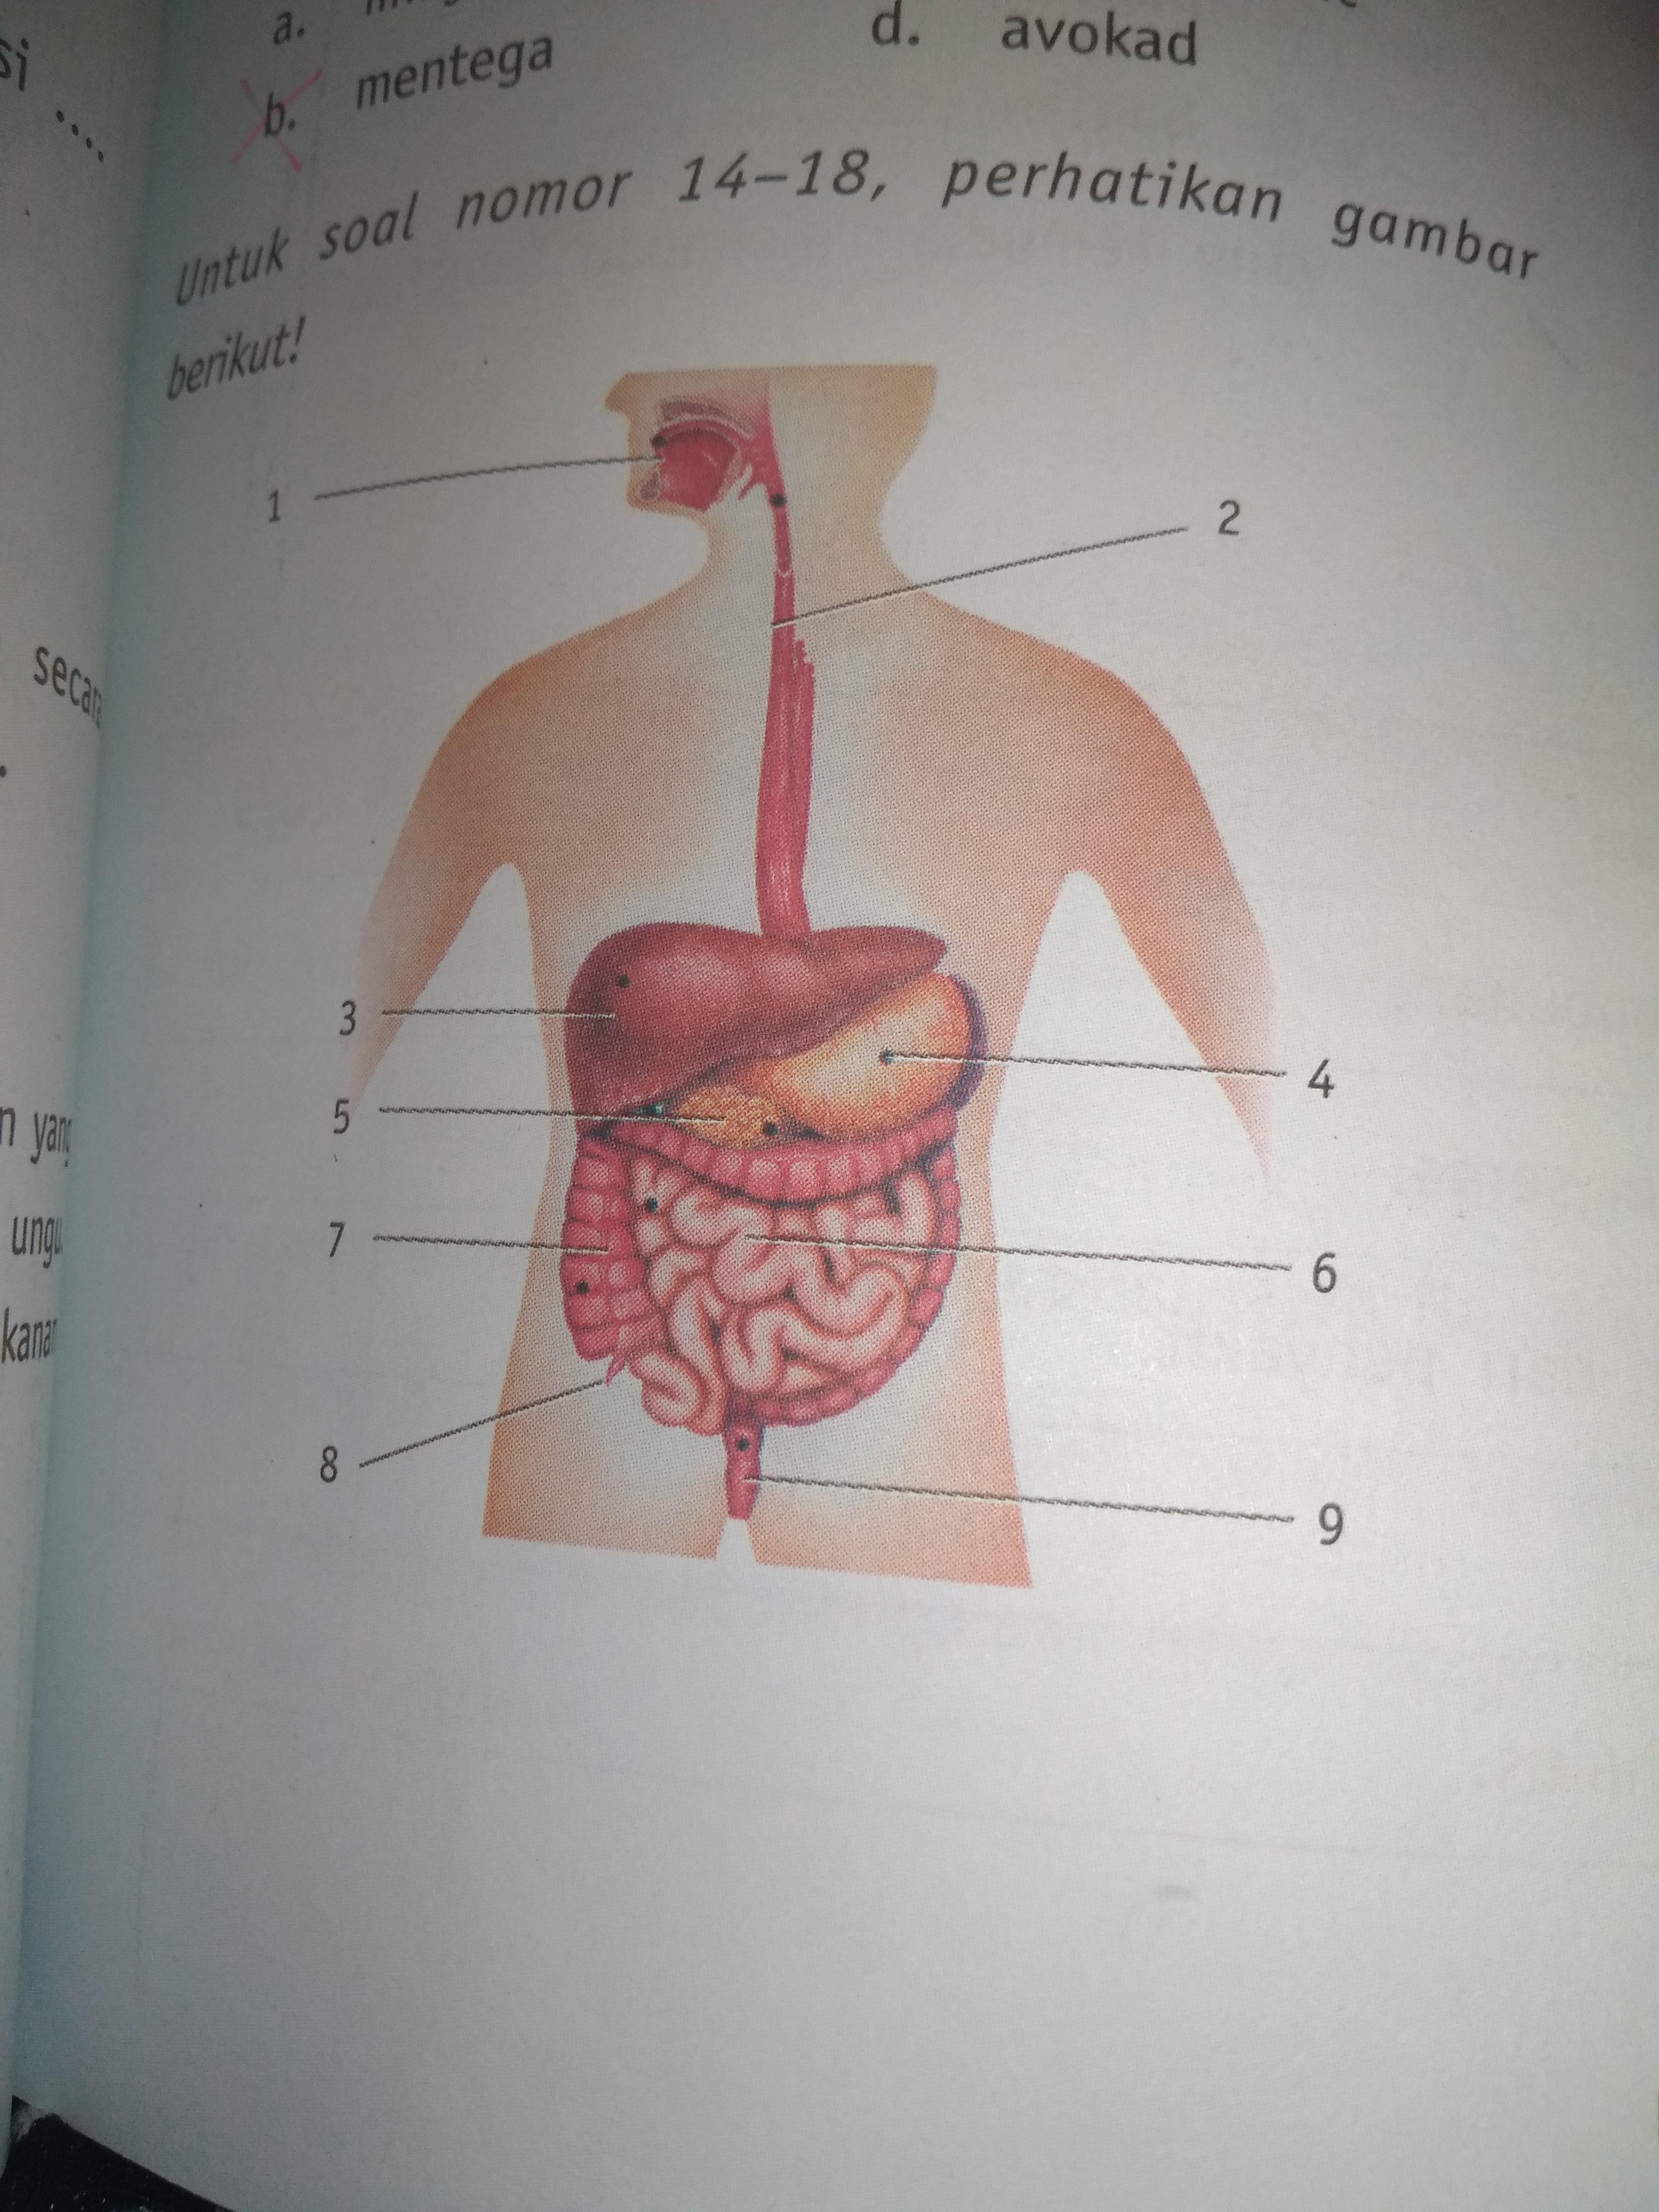 Pencernaan Kimiawi Dan Mekanik : pencernaan, kimiawi, mekanik, 14.proses, Pencernaan, Secara, Mekanik, Kimiawi, Dapat, Terjadi, Organ, Nomor..., Brainly.co.id